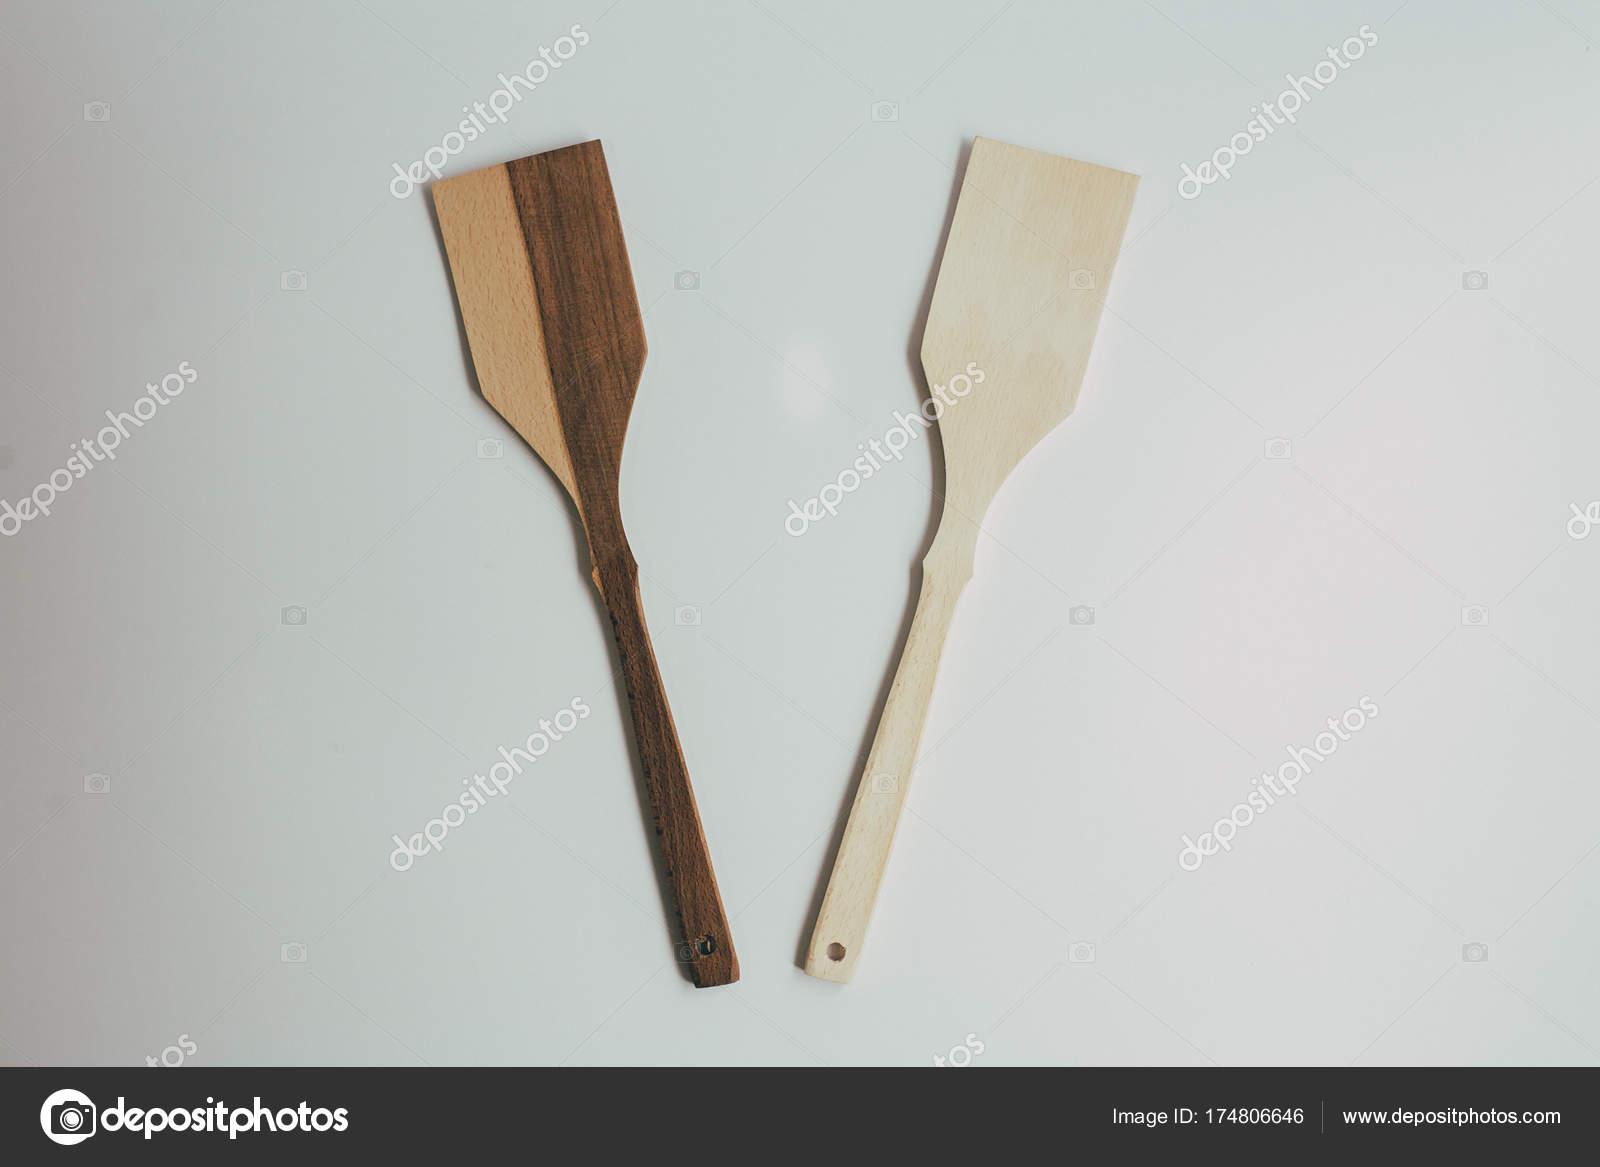 Rustieke keuken inrichting met houten bestek land keuken